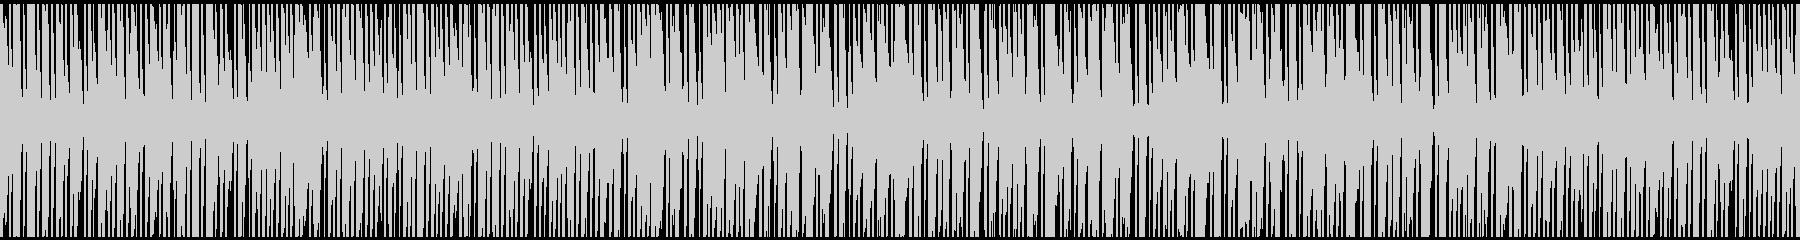 ラテンダンスインストゥルメンタルの未再生の波形